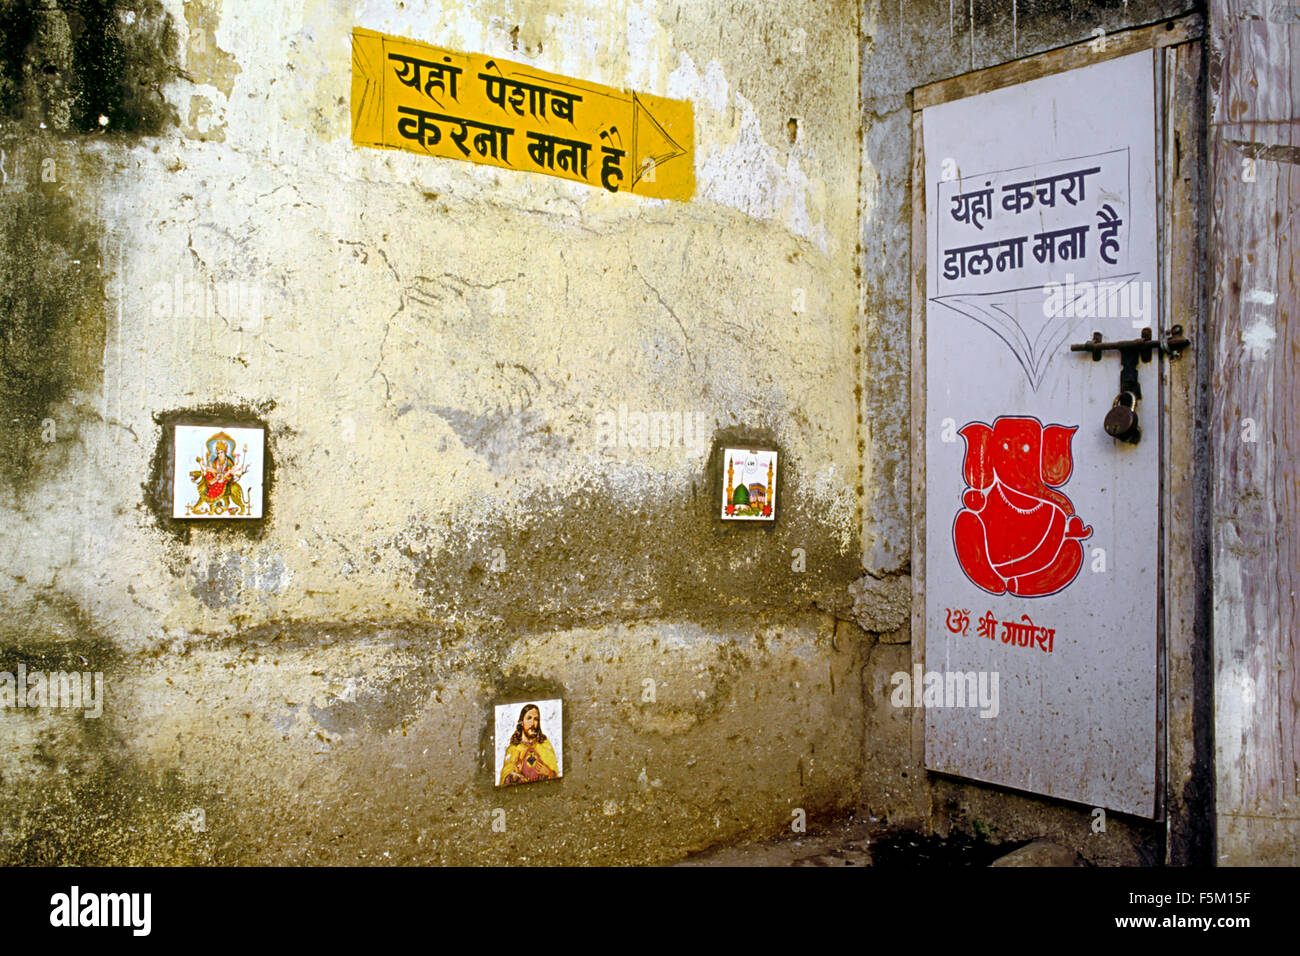 Painting of gods and goddess to discourage public urination, mumbai, maharashtra, india, asia - Stock Image